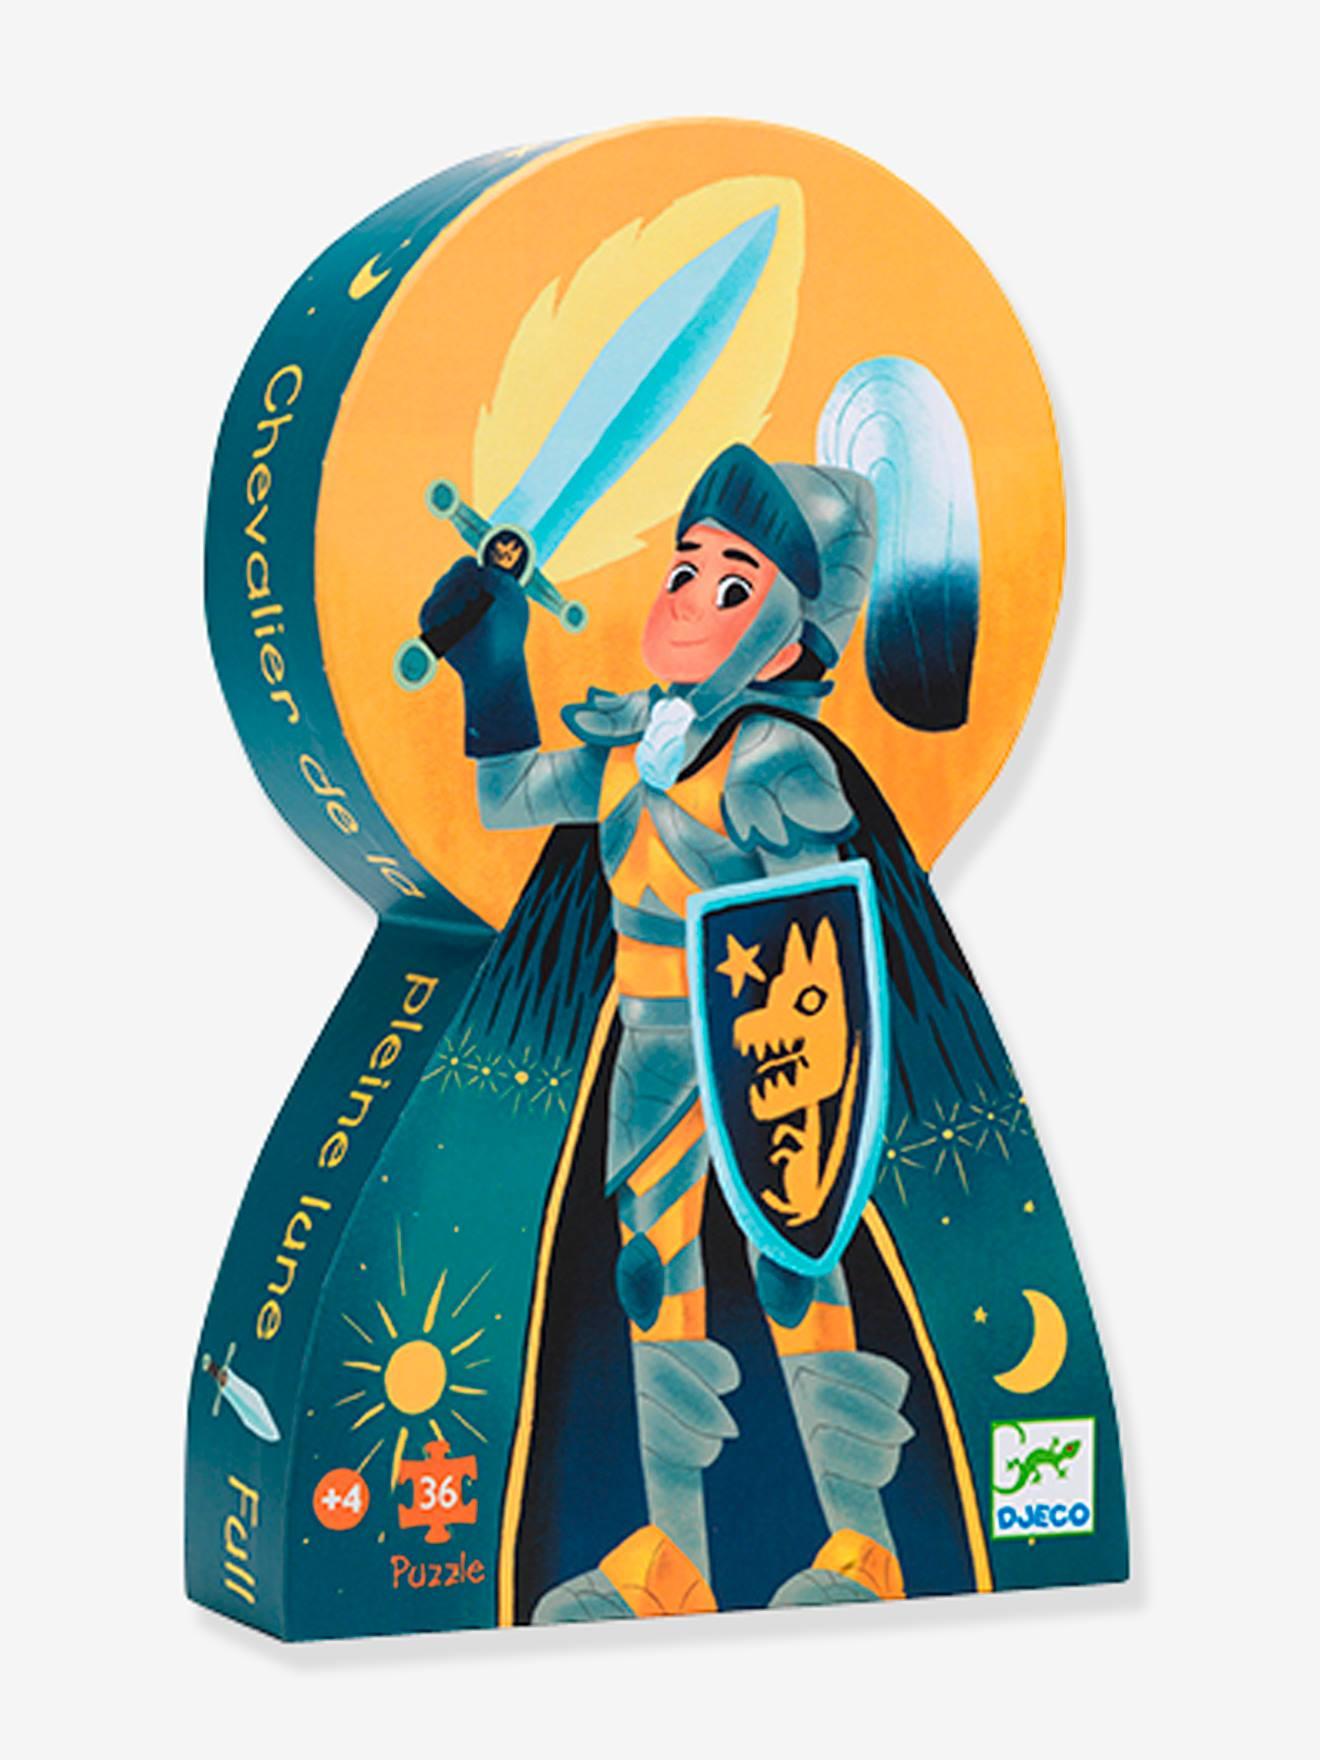 Puzzle Le Chevalier de la pleine lune 36 pièces DJECO bleu